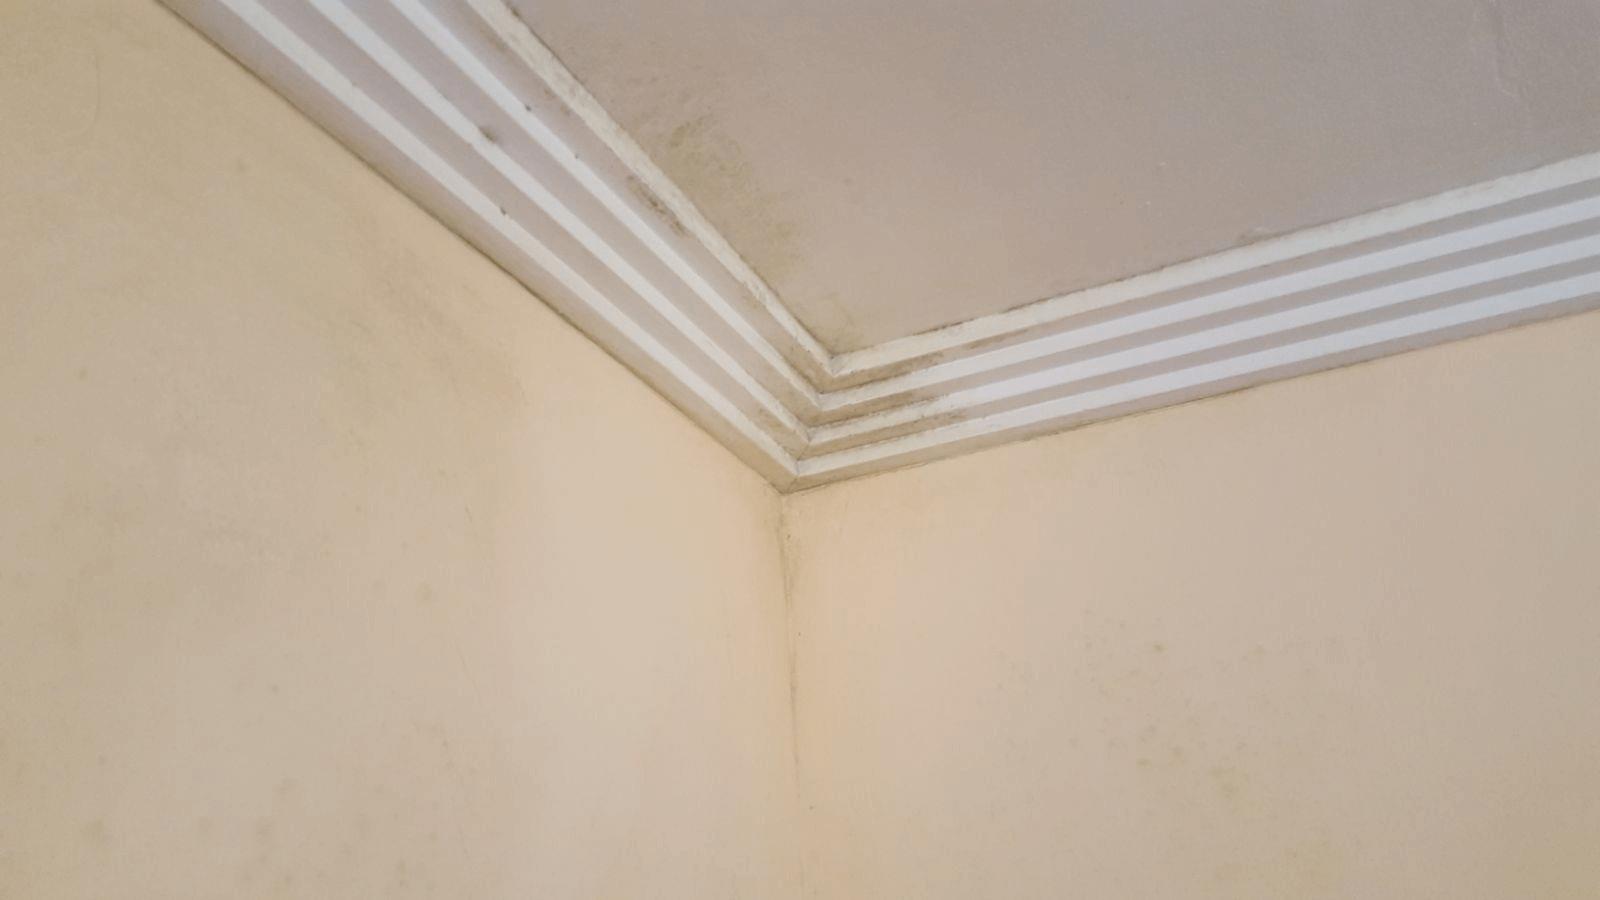 Diferencias entre la humedad por filtraci n y por - Humedad por condensacion en paredes ...